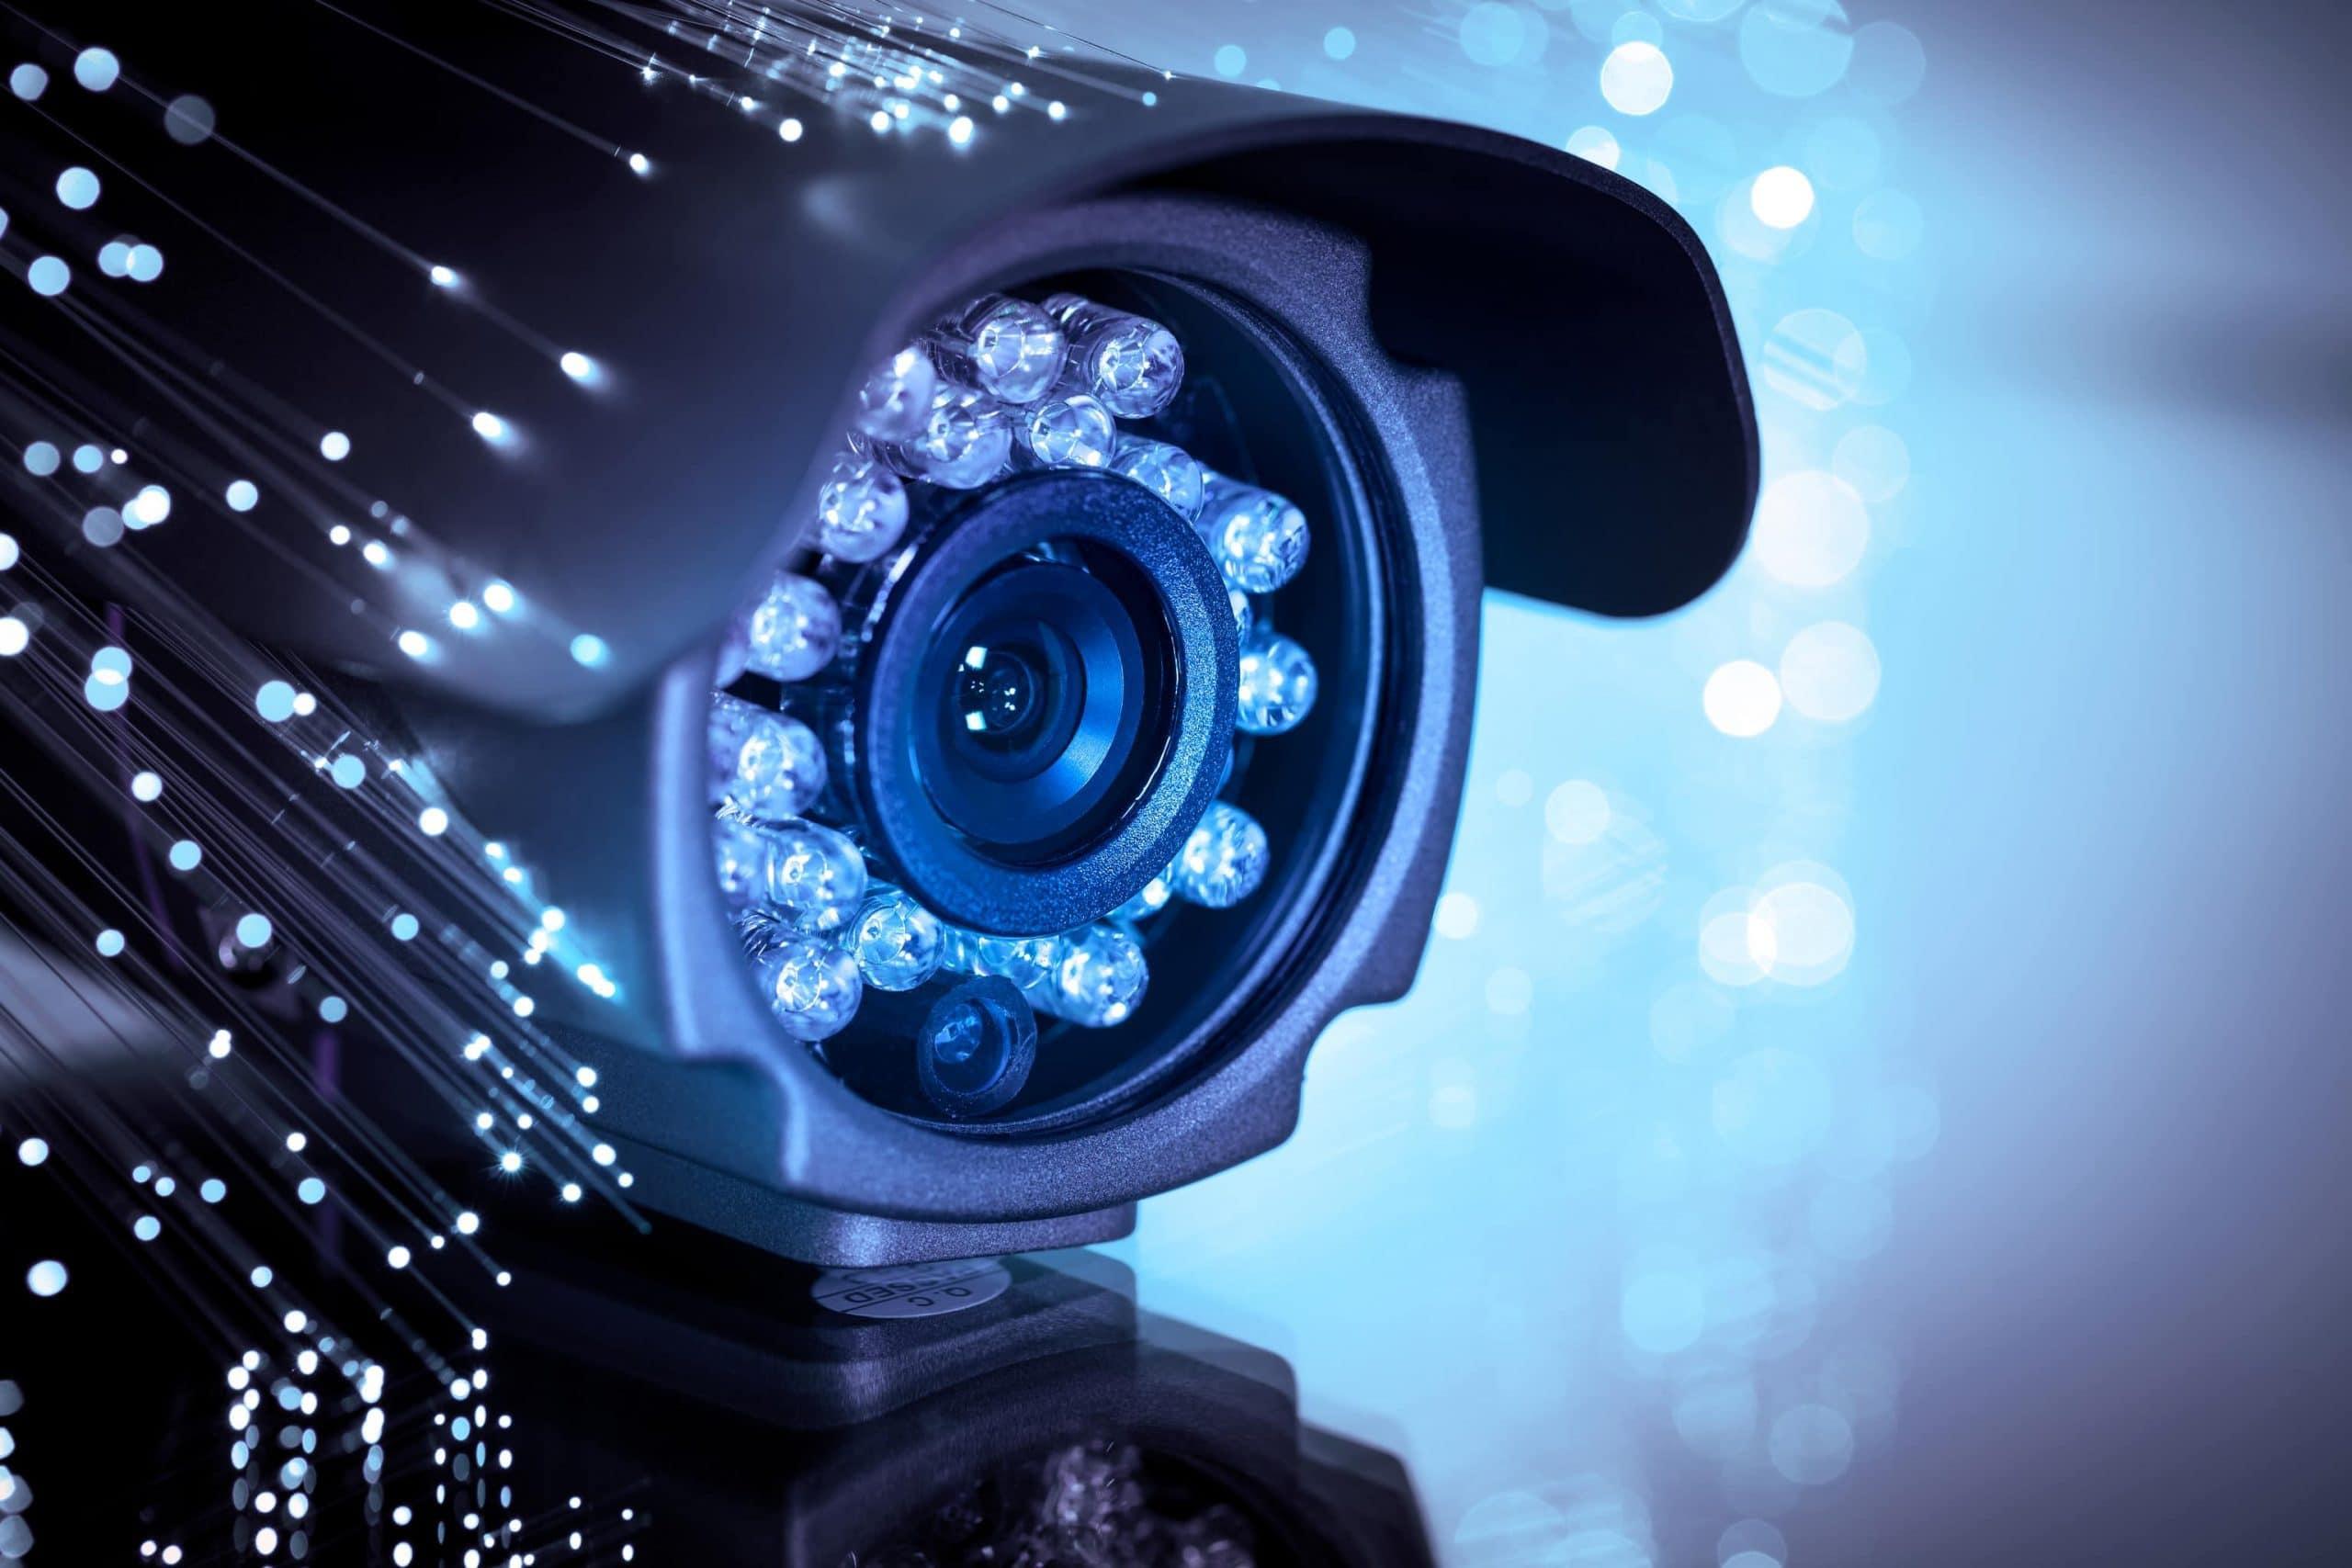 Überwachumskamera im Datenaustausch